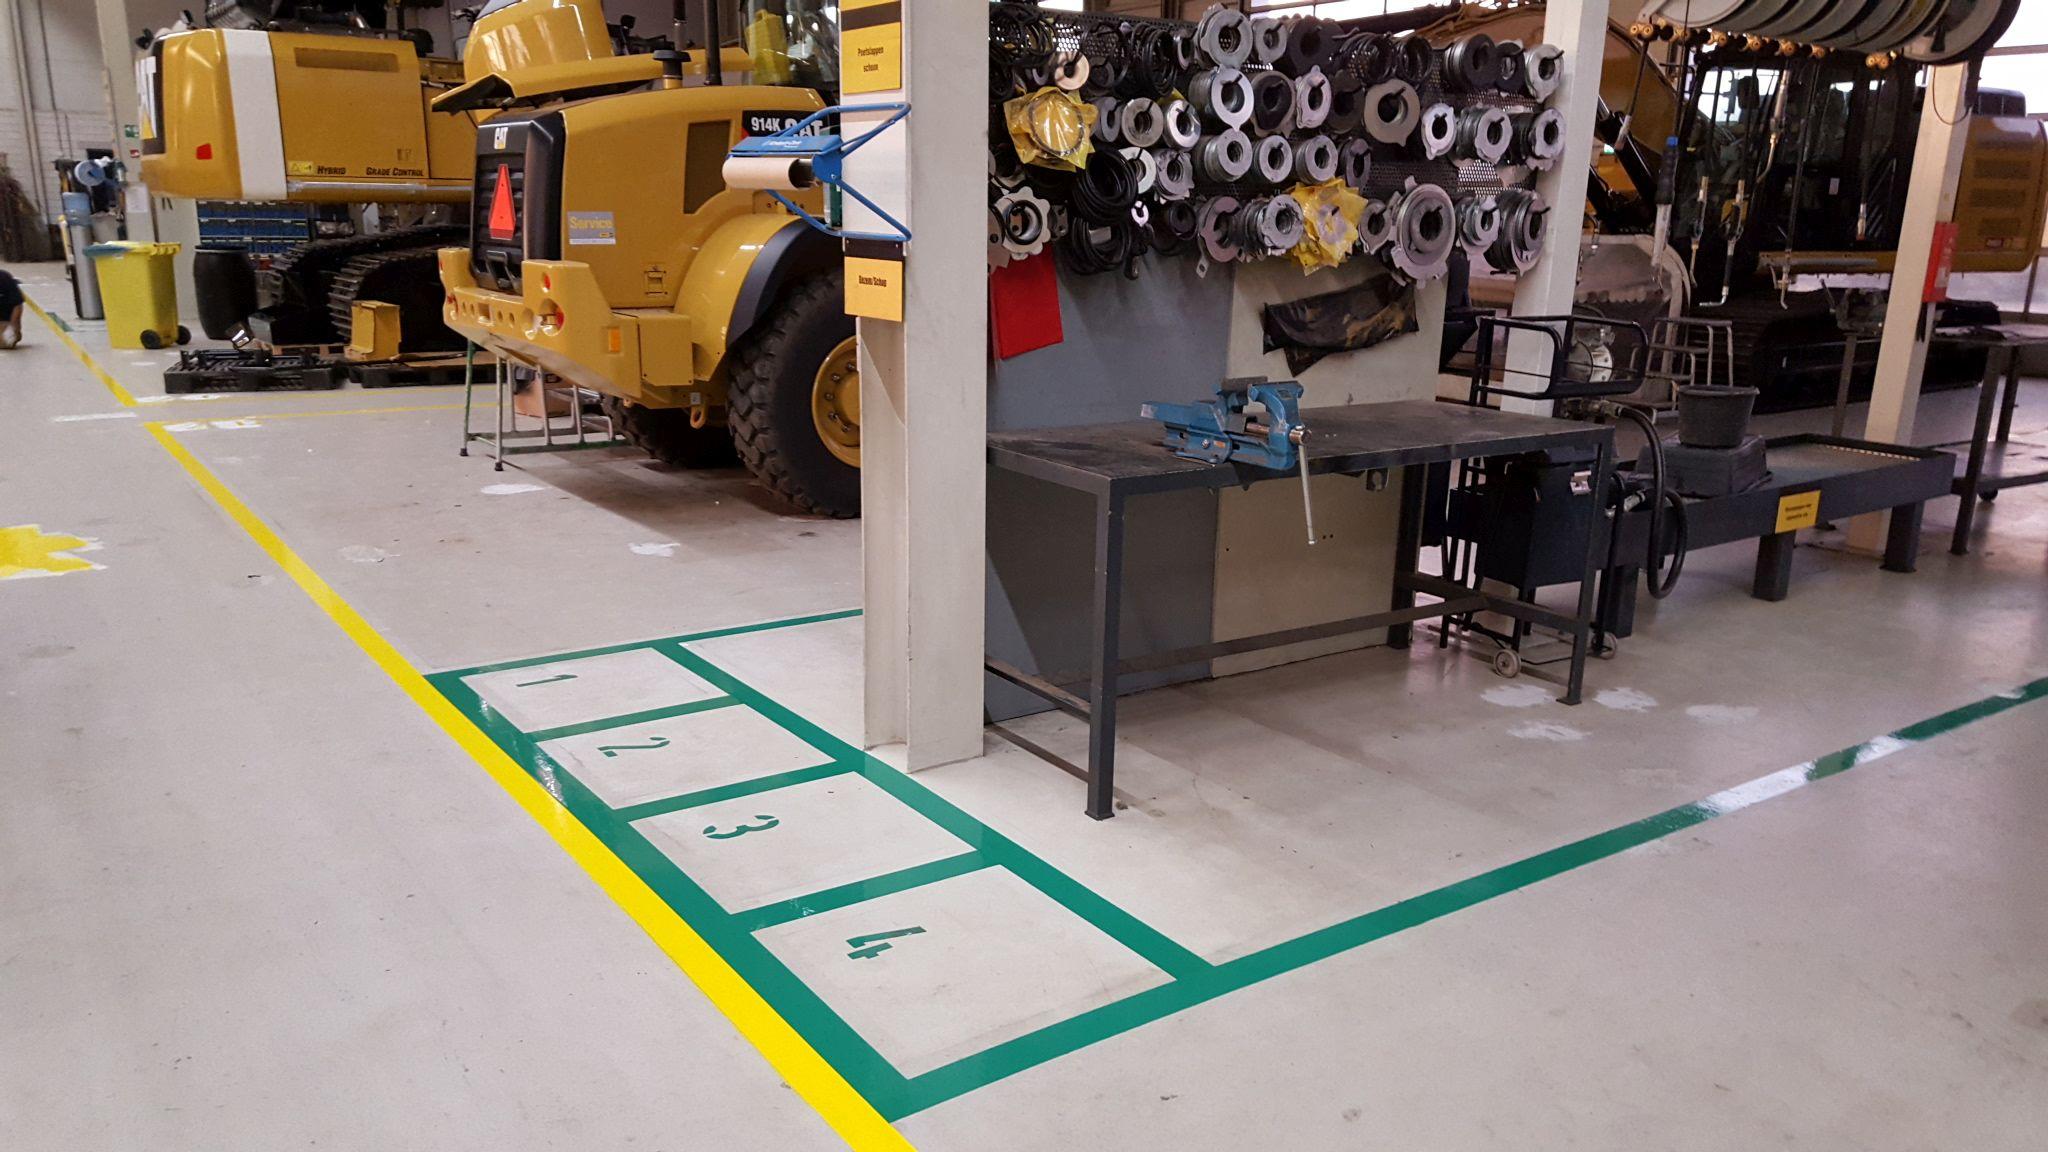 Werkplaats belijning groen 5S